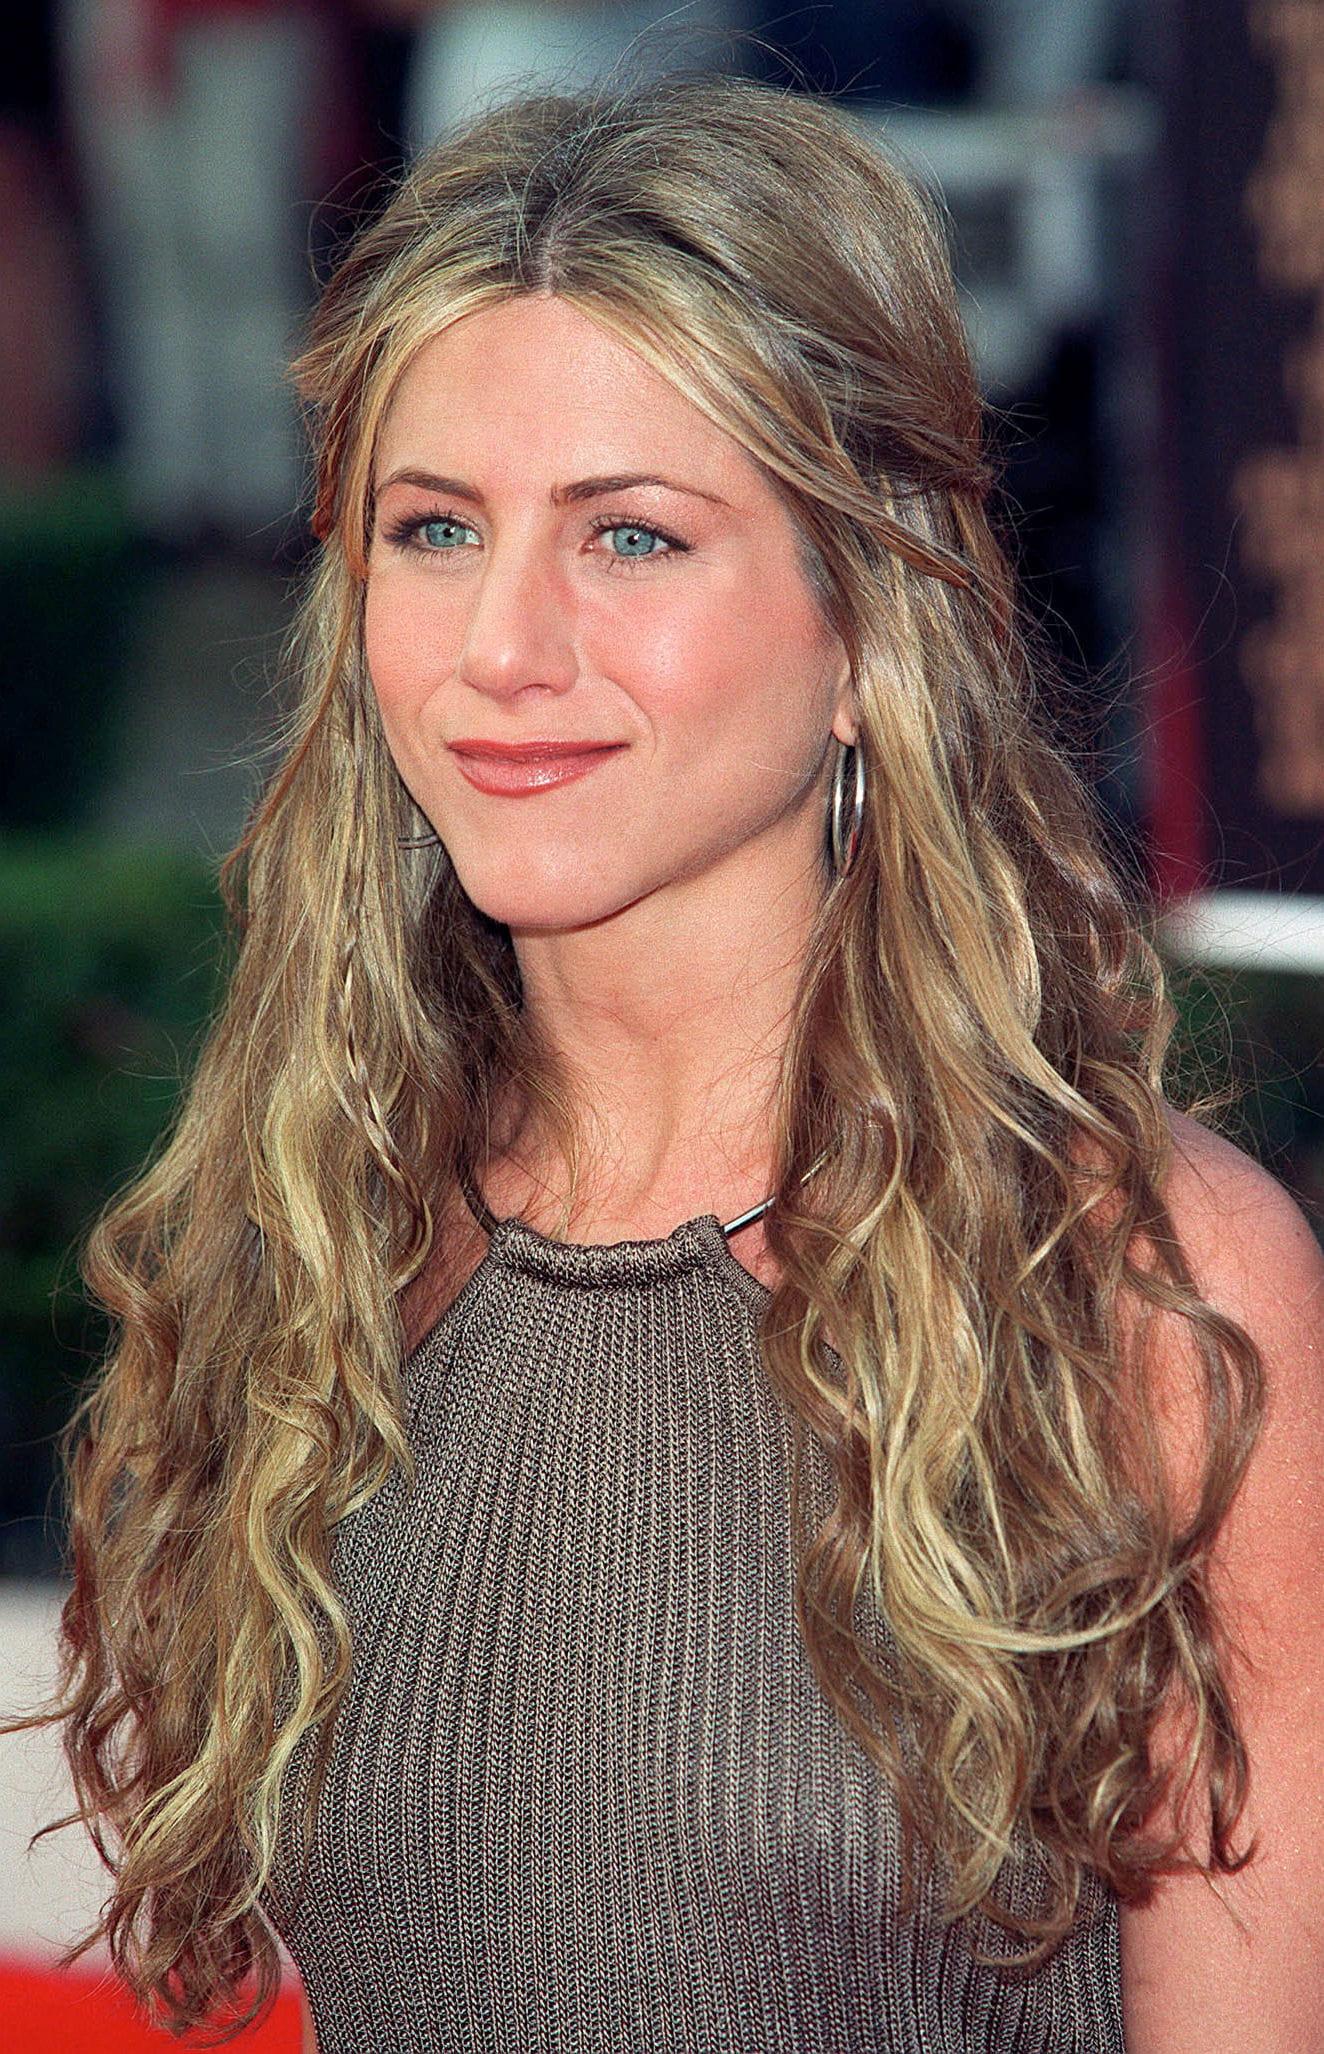 Cheveux Longs Et Ondulu00e9s  Jennifer Aniston En 12 Coiffures - Journal Des Femmes